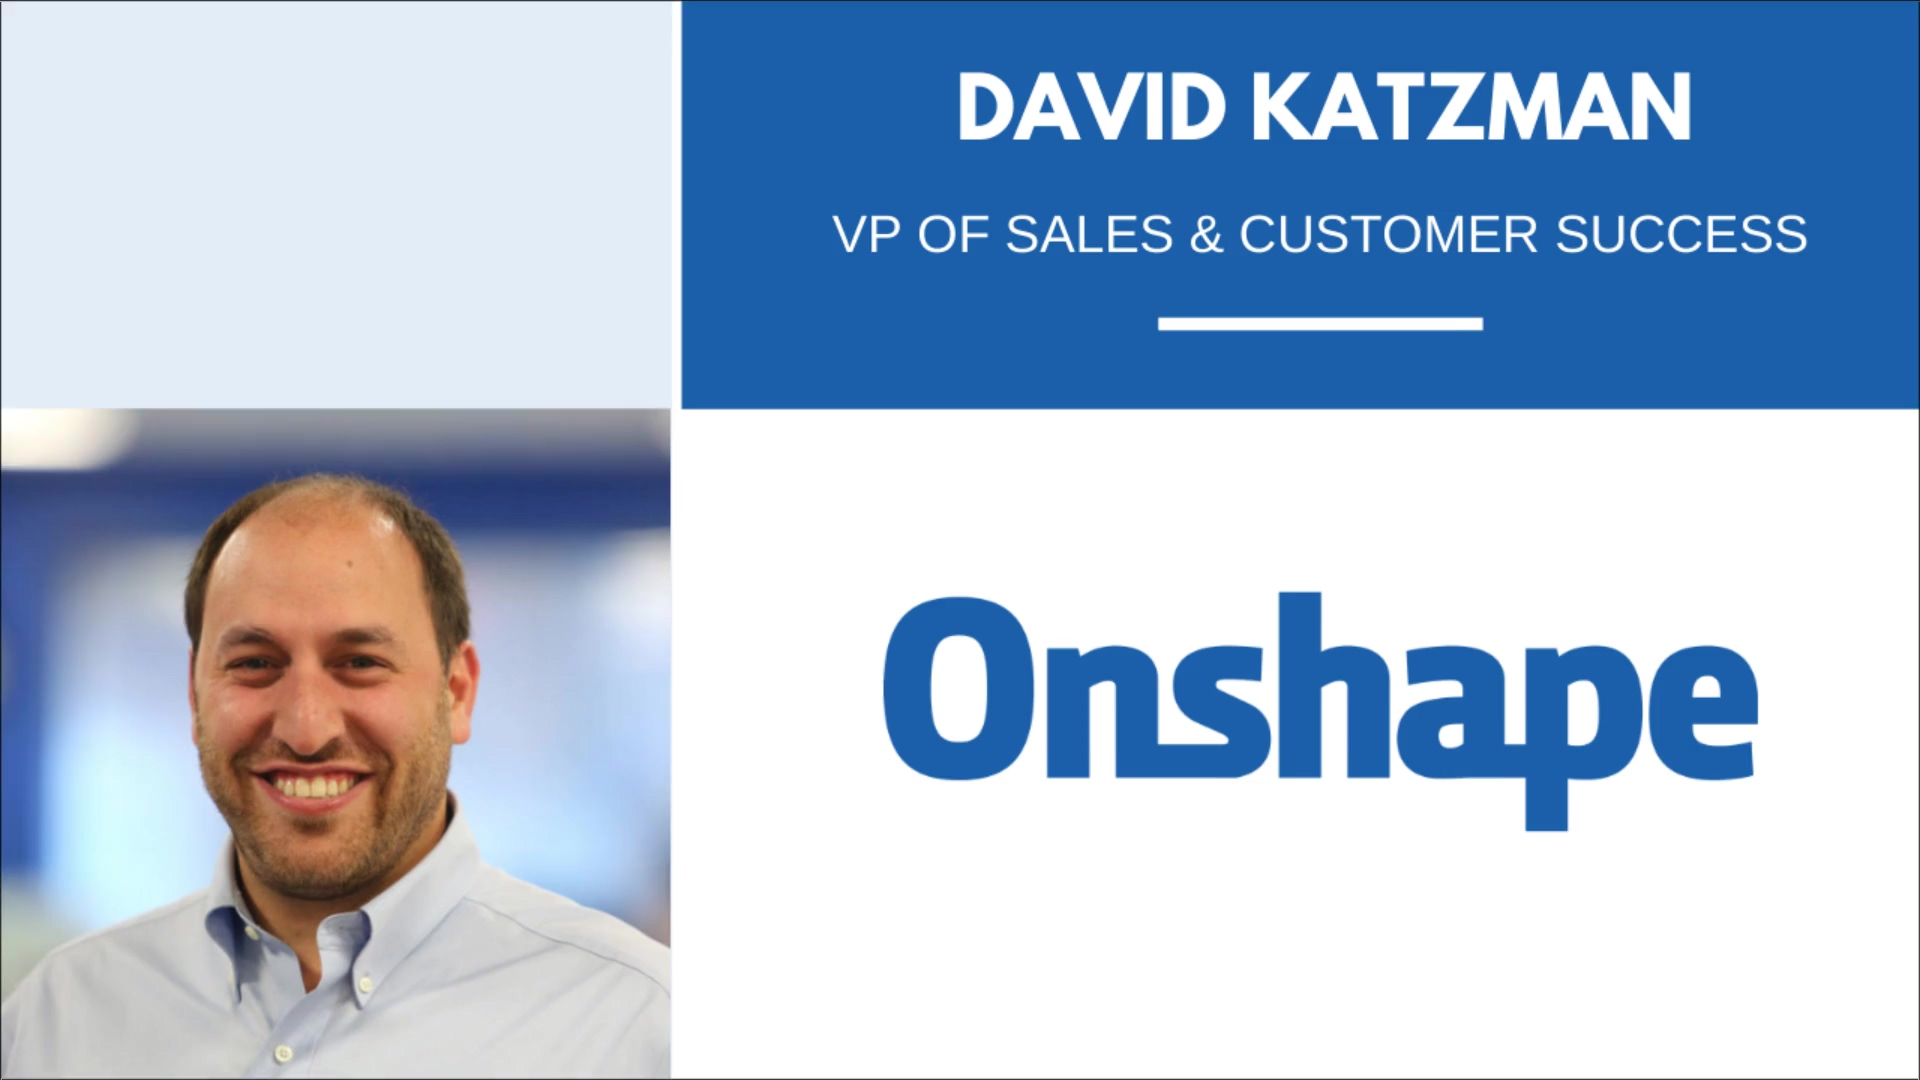 David Katzman Draft 3 (7)